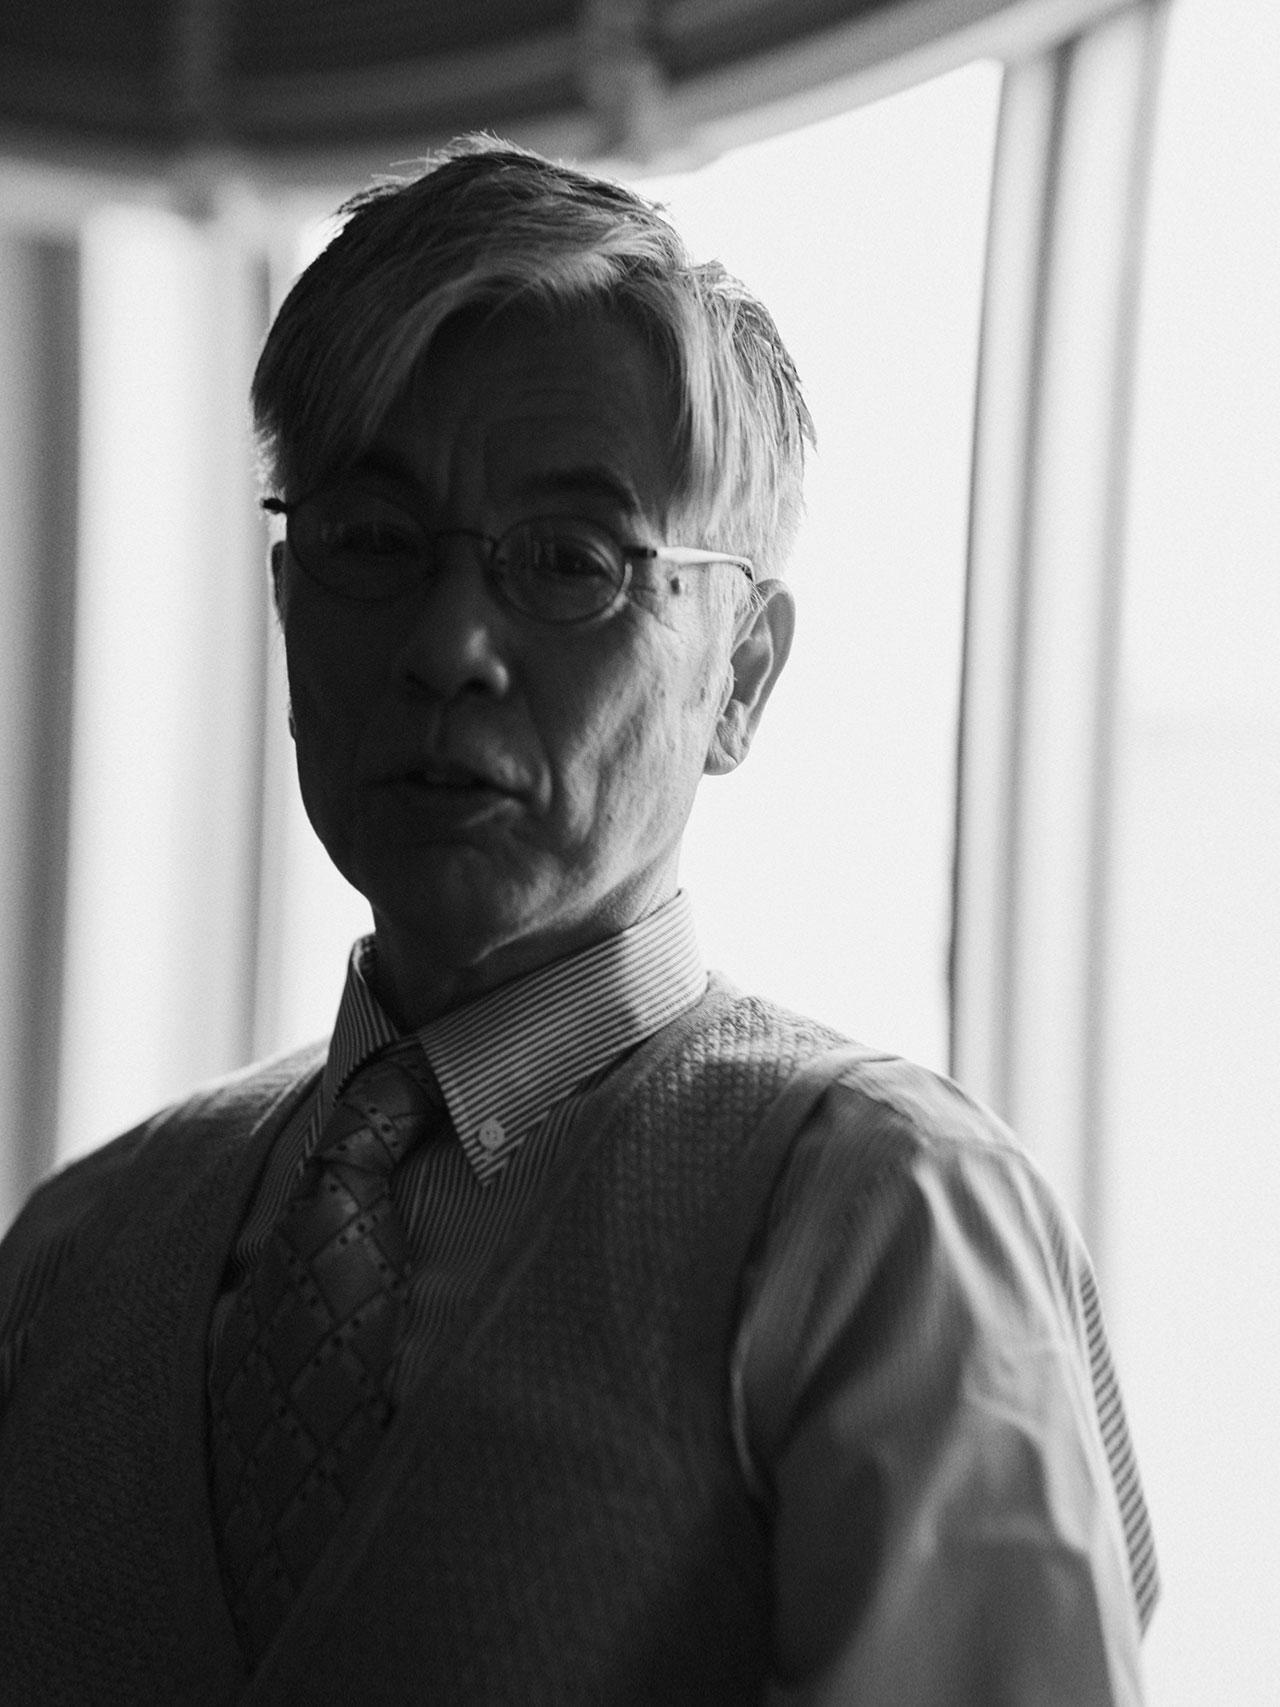 Photo by Hiroki Watanabe